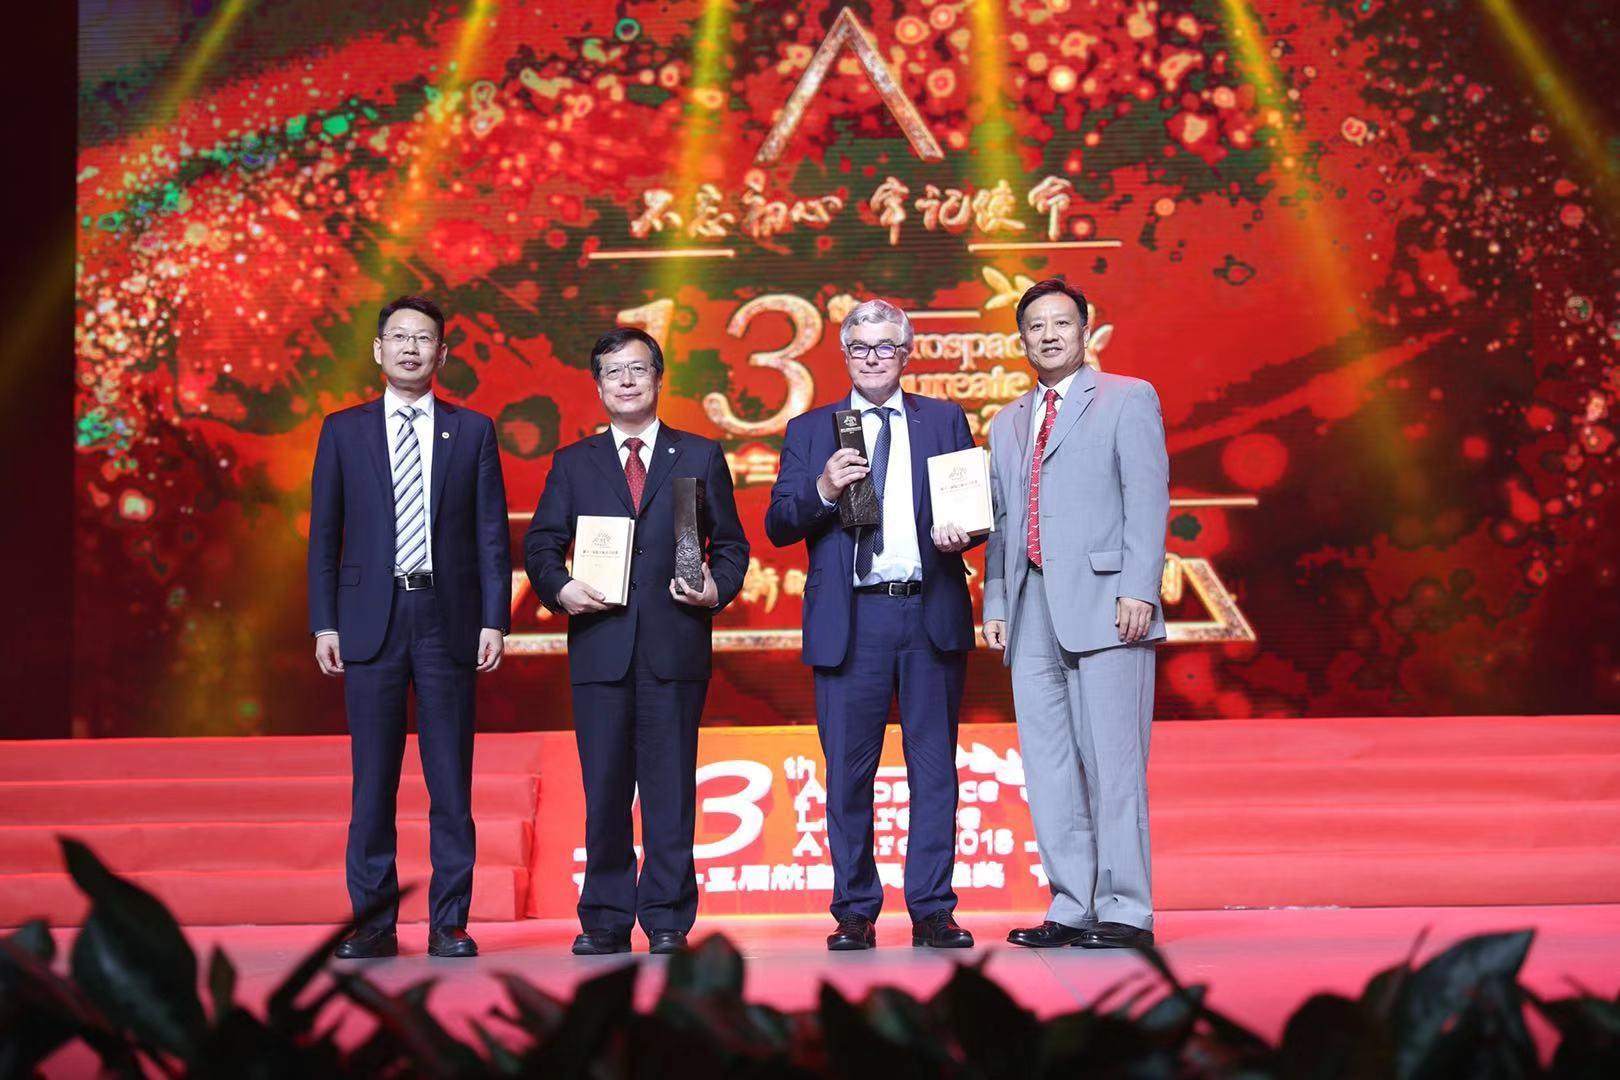 第十三届中国航空航天月桂奖颁奖典礼在珠海成功举办